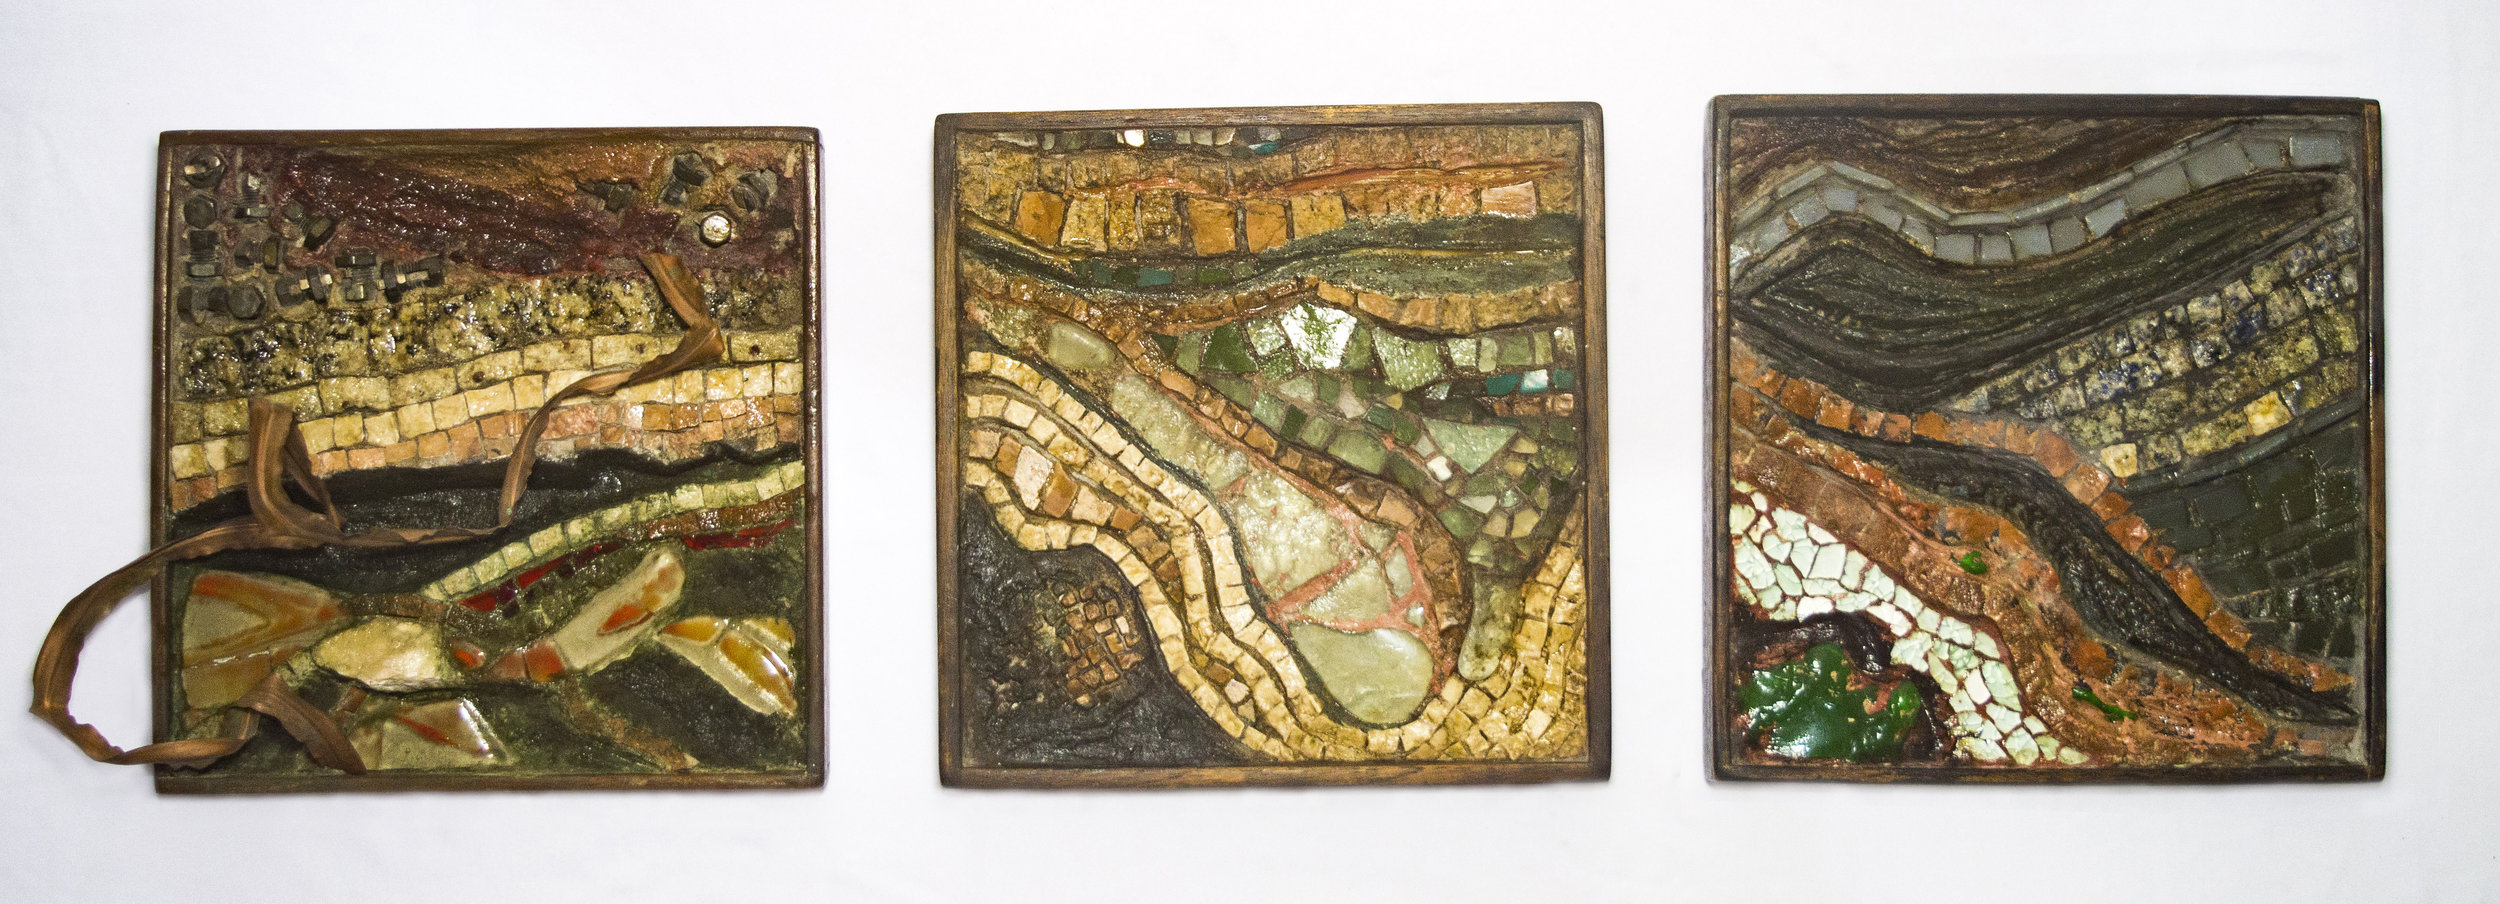 Moema Branquinho, Metamorfose, 1998-2017,21,5cm x 76cm x 10cm / Foto: Edite Coelho